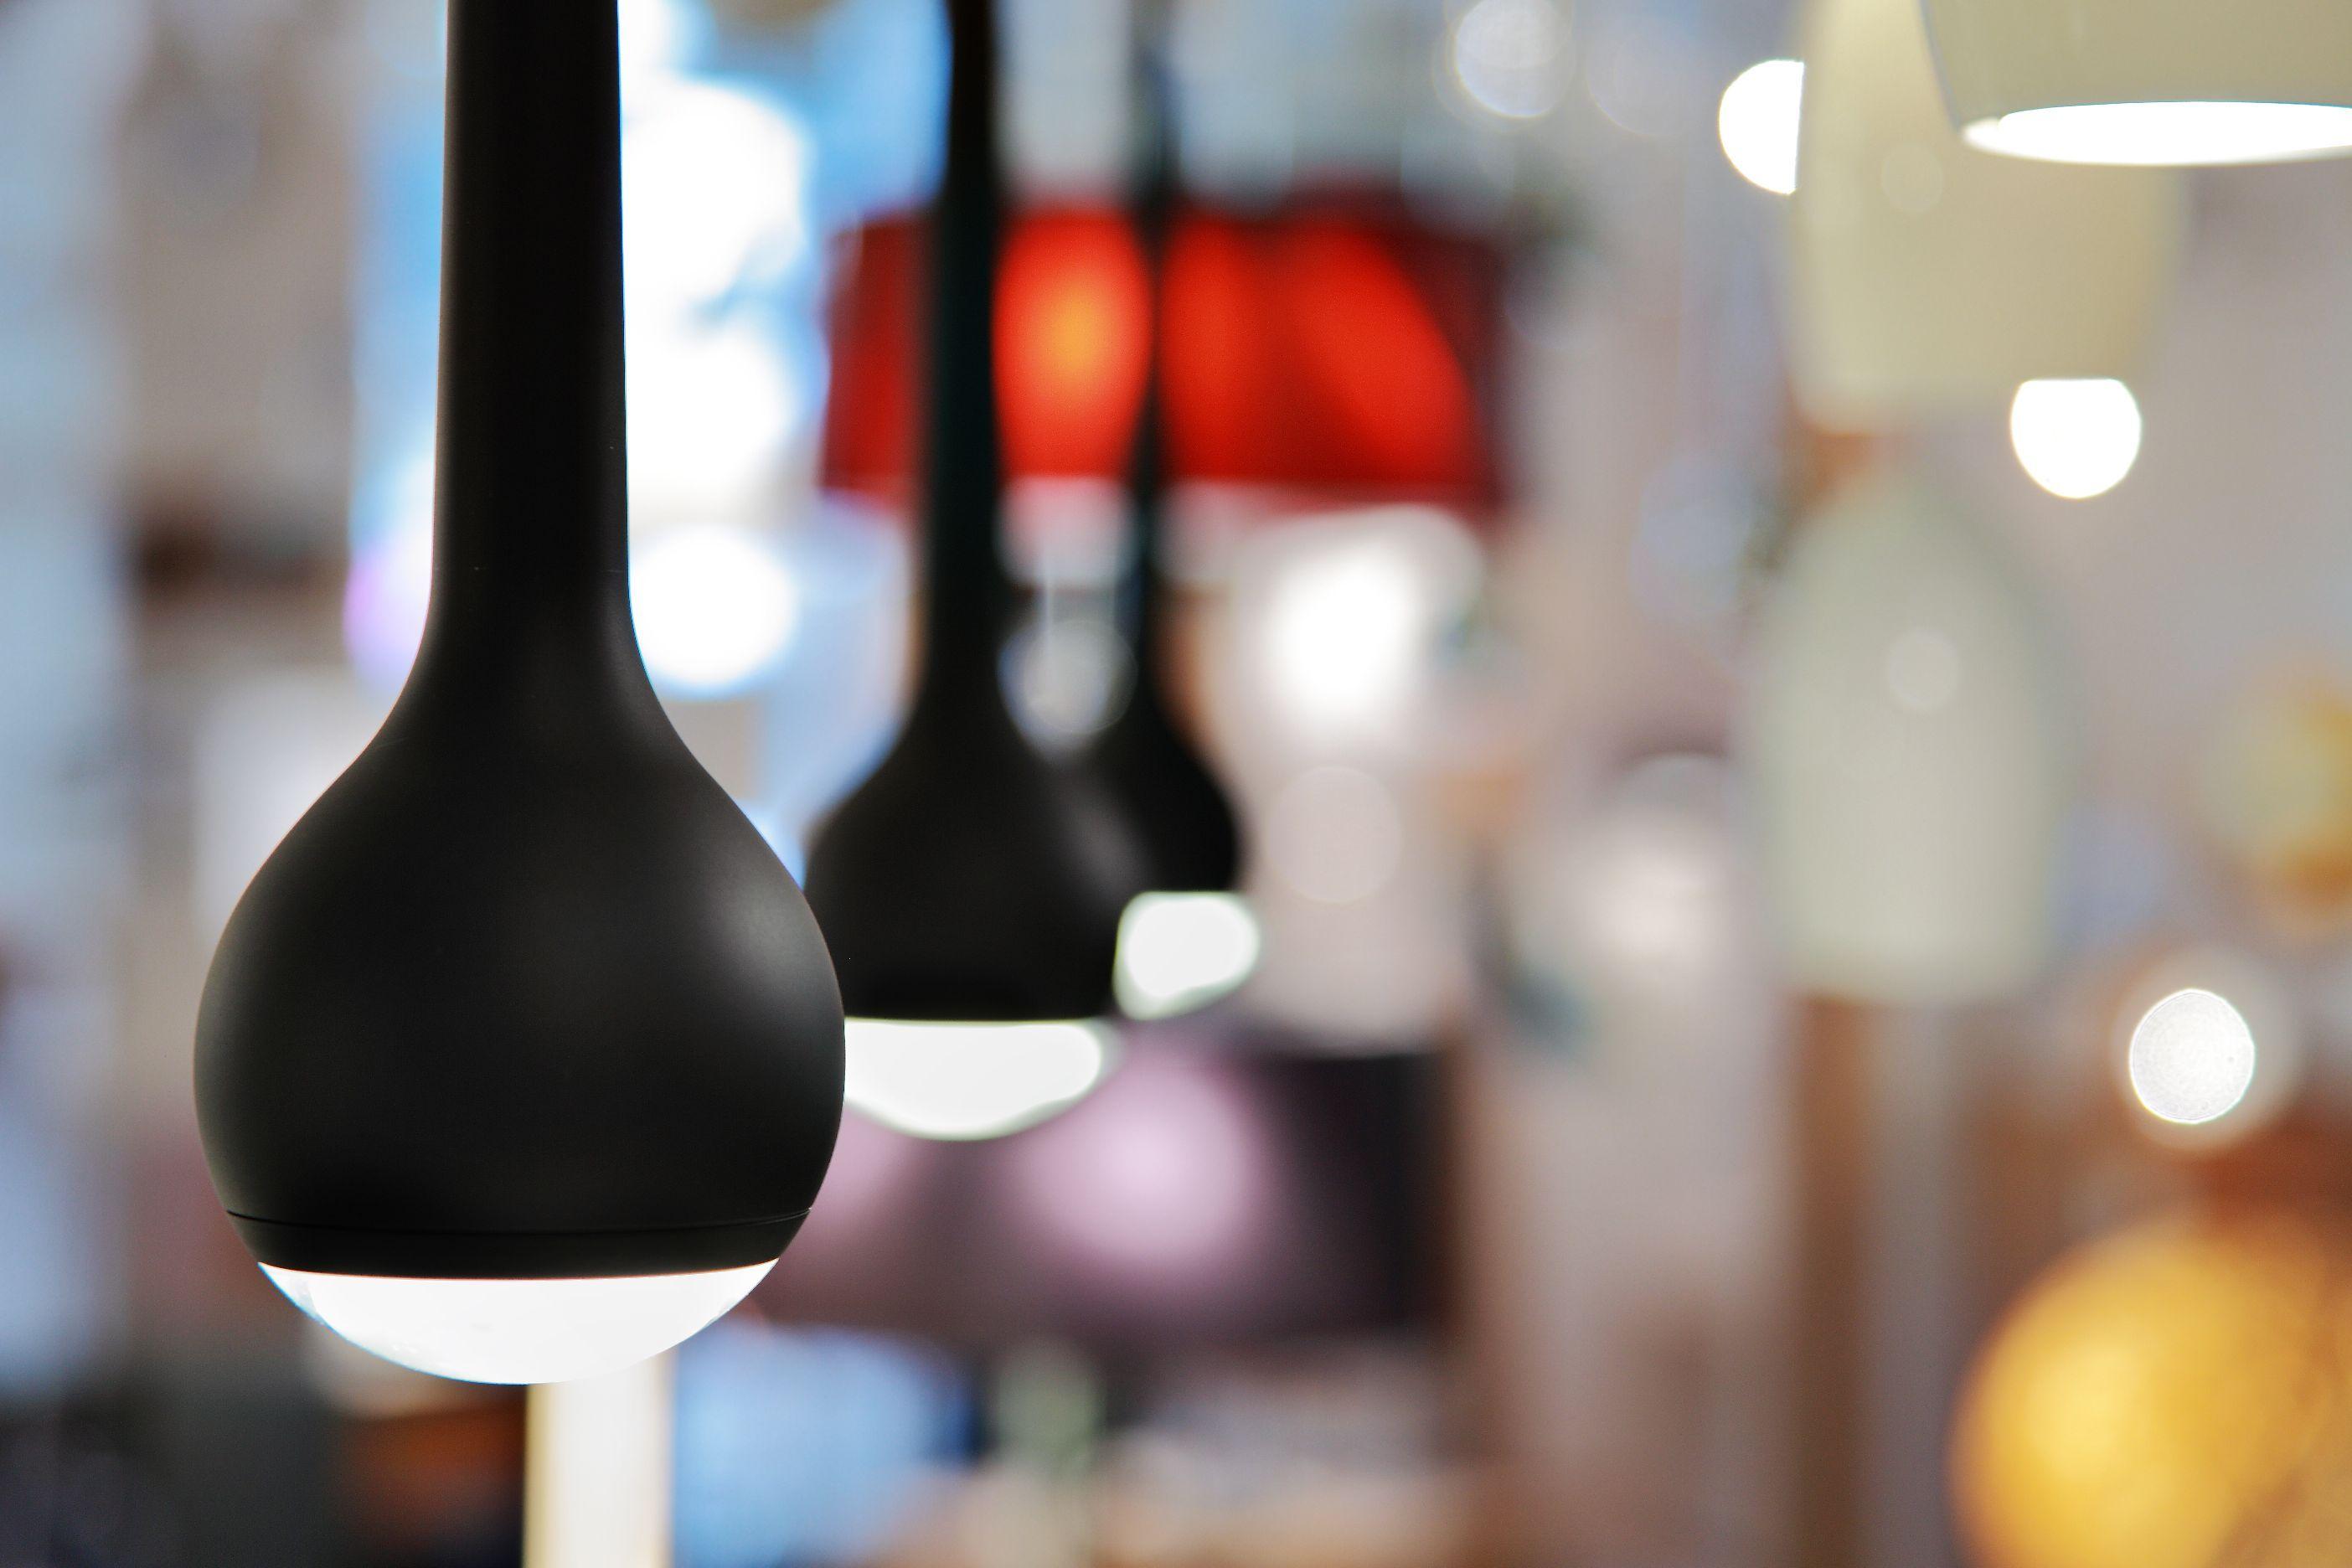 Lichtcenter Frankfurt designer luminaires tobias grau frankfurt speyer lichtcenter